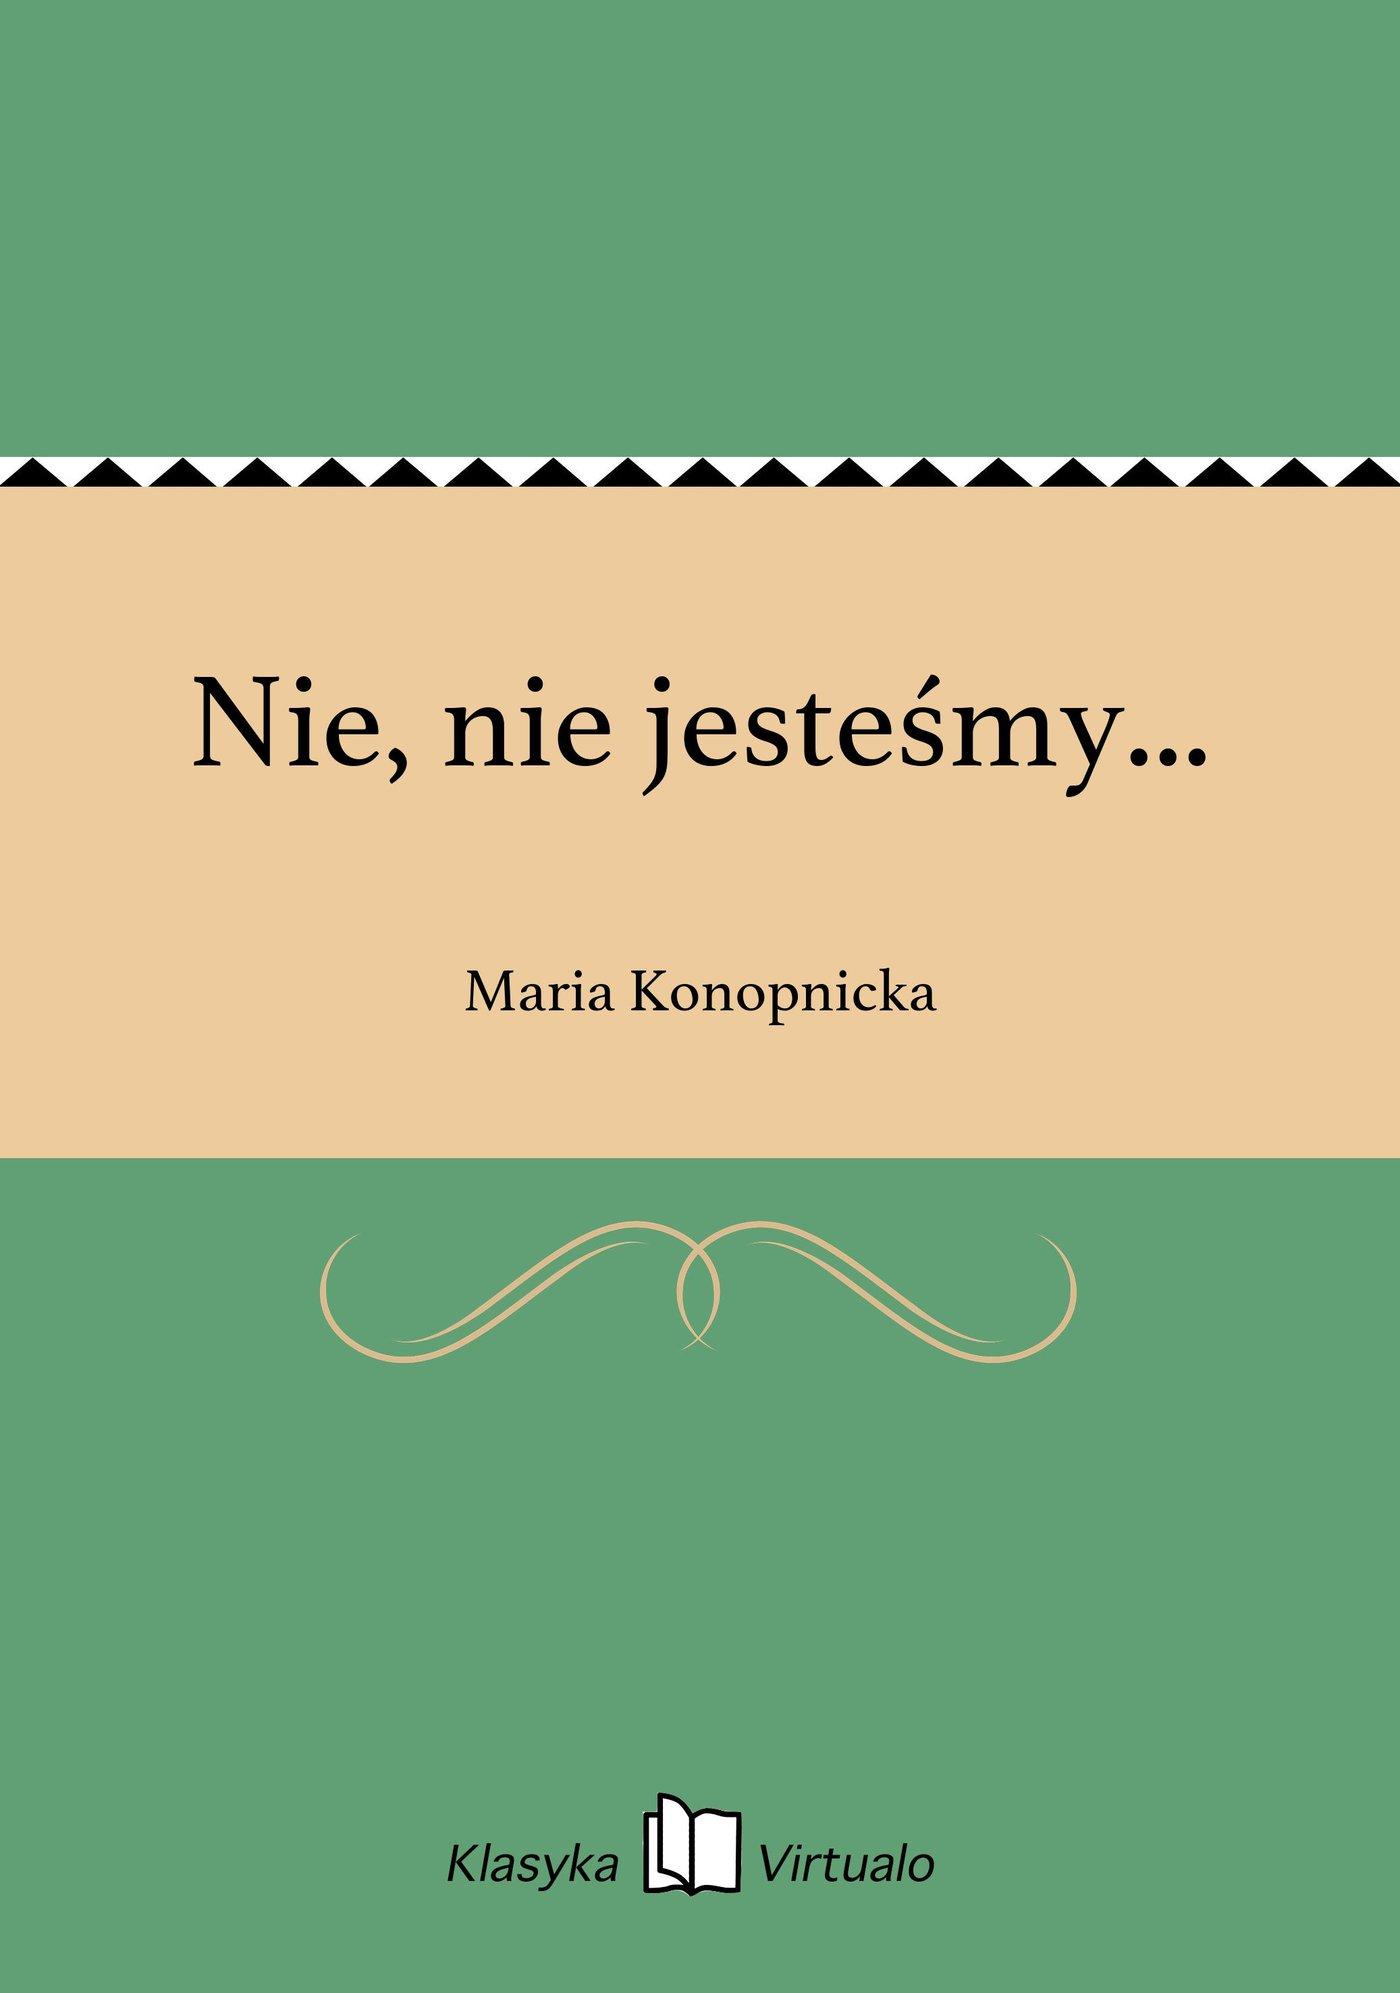 Nie, nie jesteśmy... - Ebook (Książka na Kindle) do pobrania w formacie MOBI